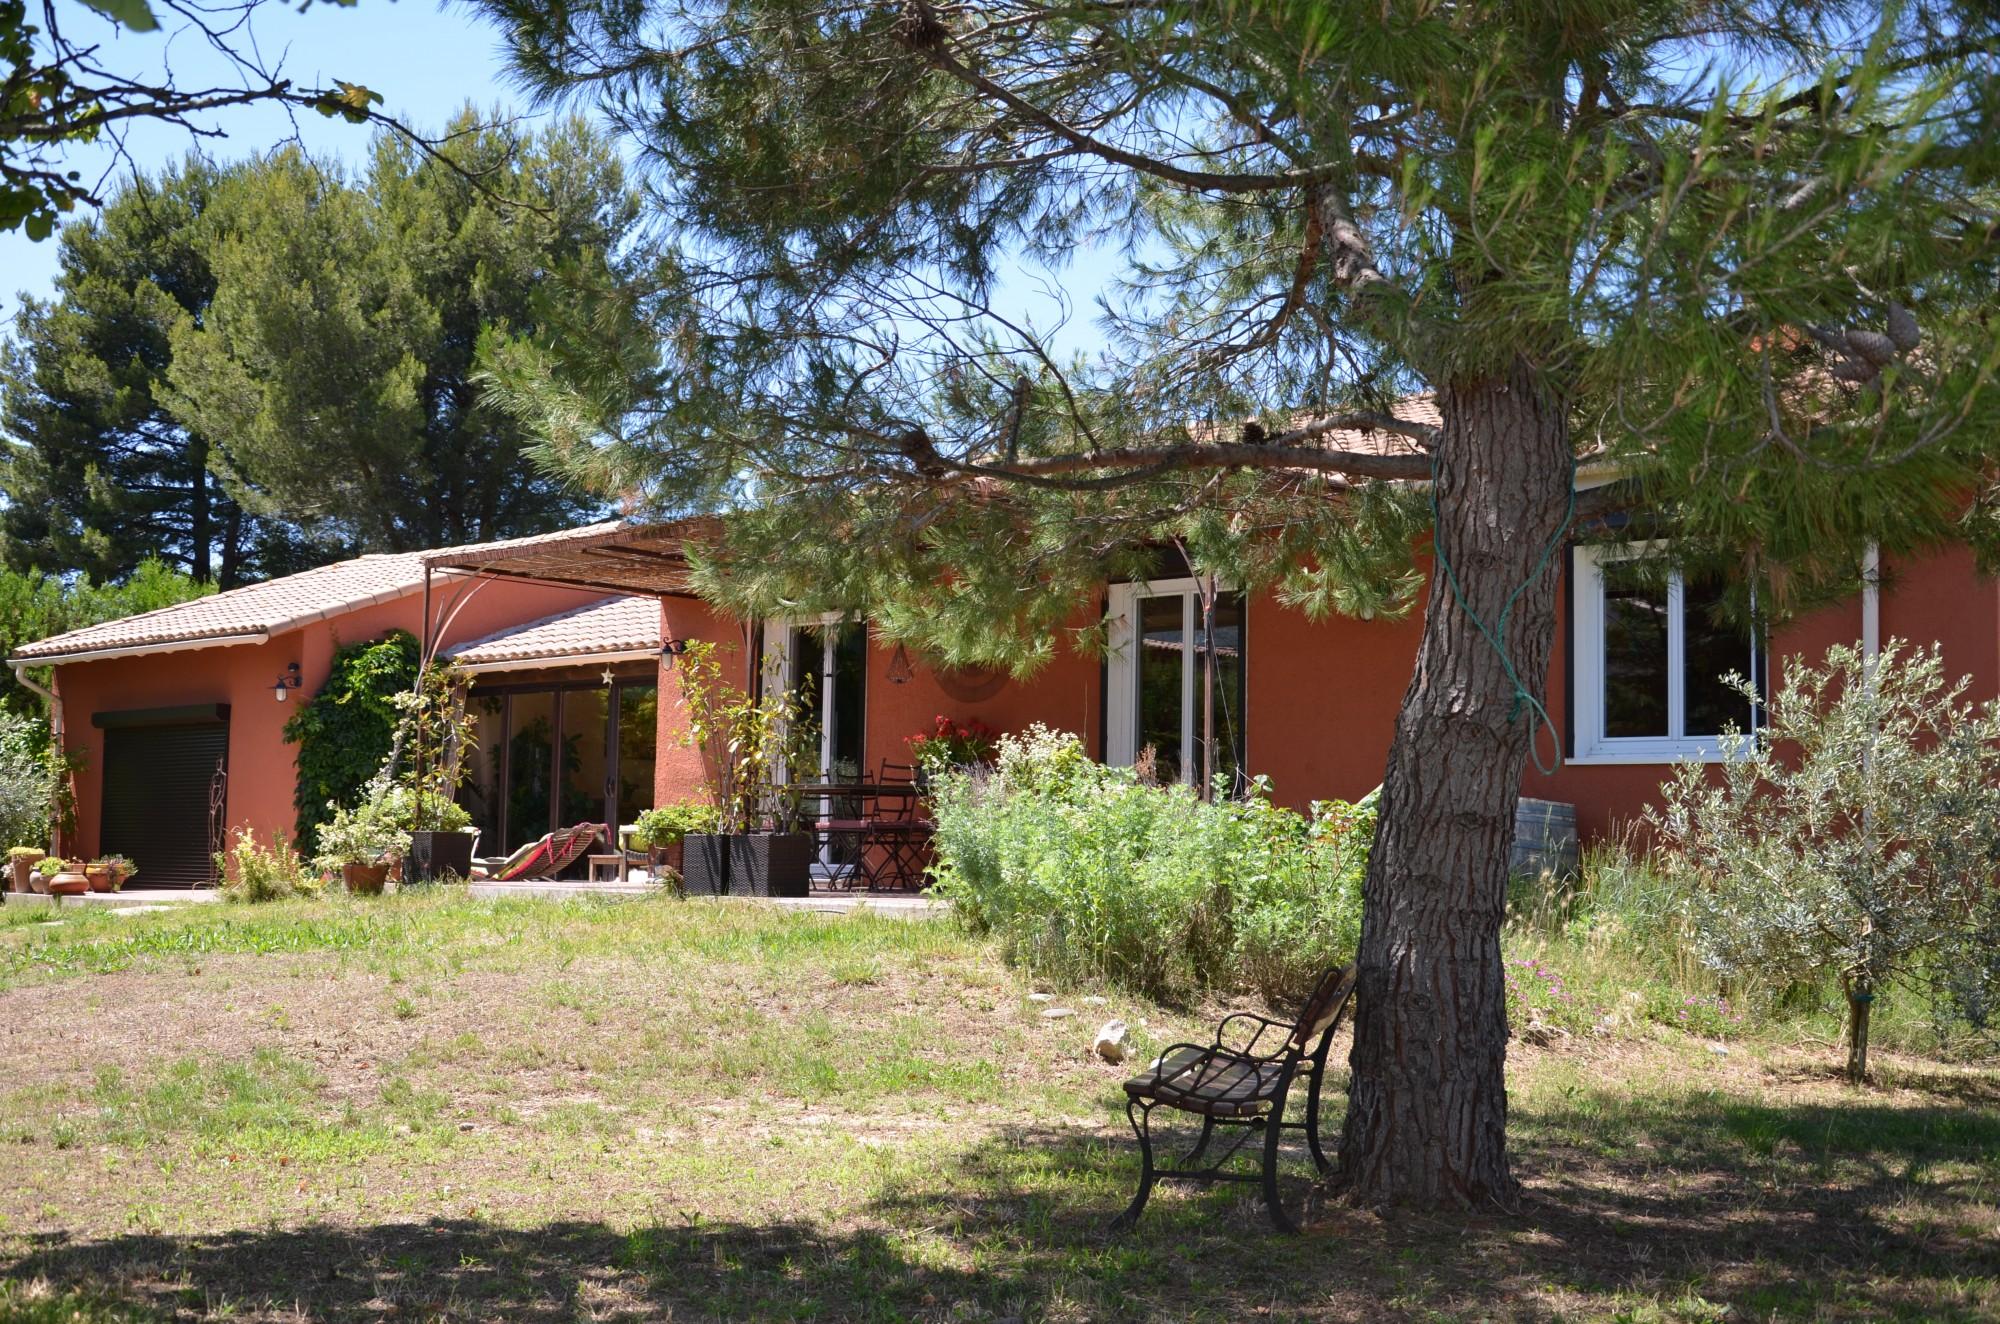 Ventes maison t5 f5 maubec sur terrain clos et arbor avec for Vente maison avec atelier